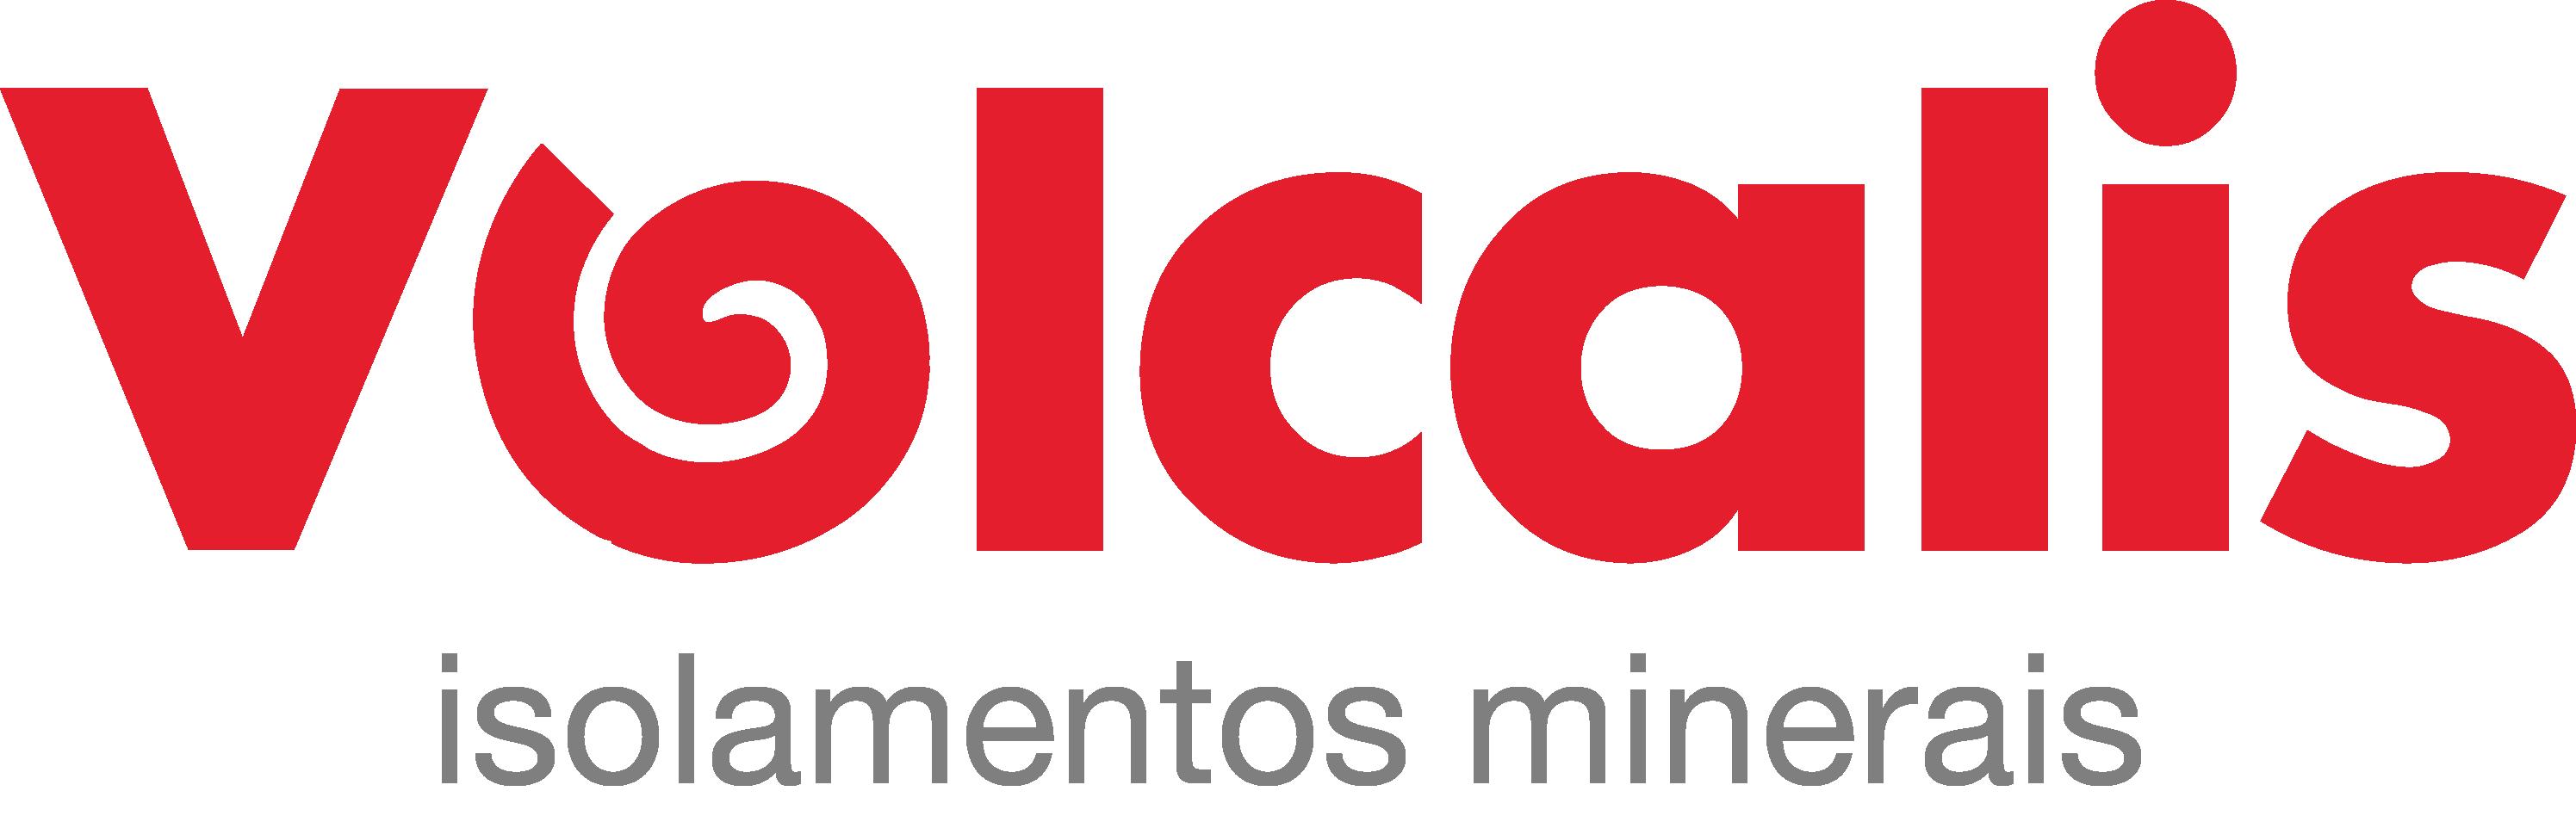 Volcalis